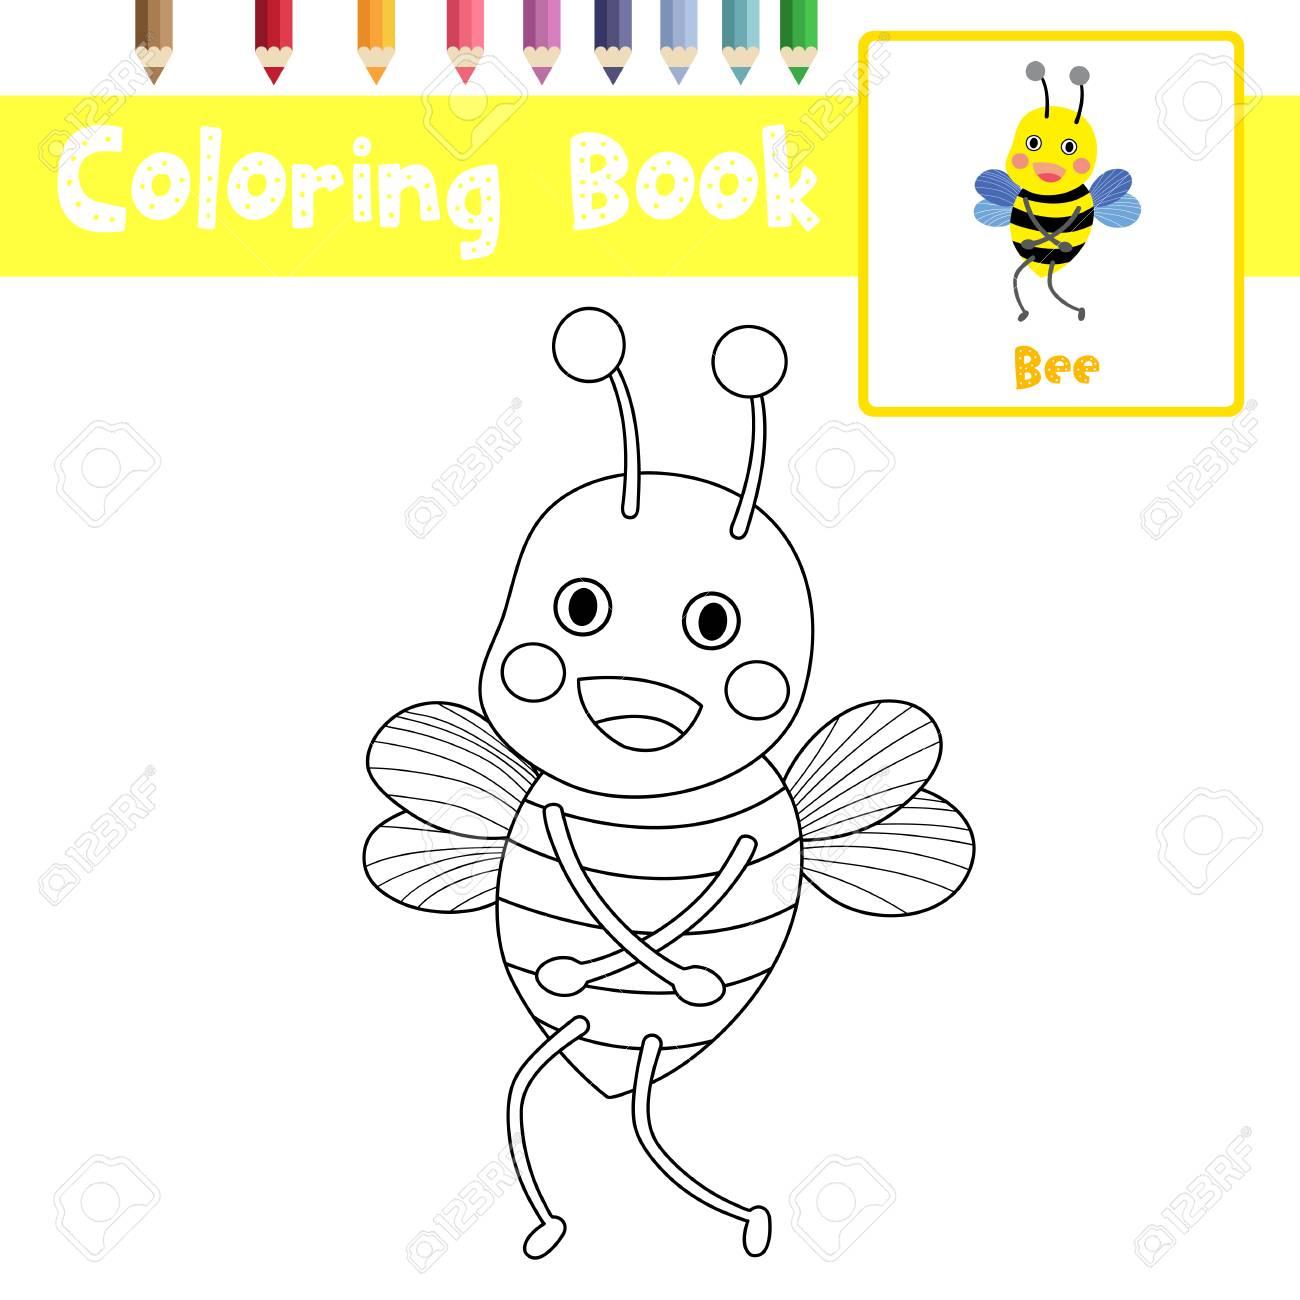 Malvorlagen Des Ständigen Bienen Tiere Für Vorschulkinder Aktivität ...